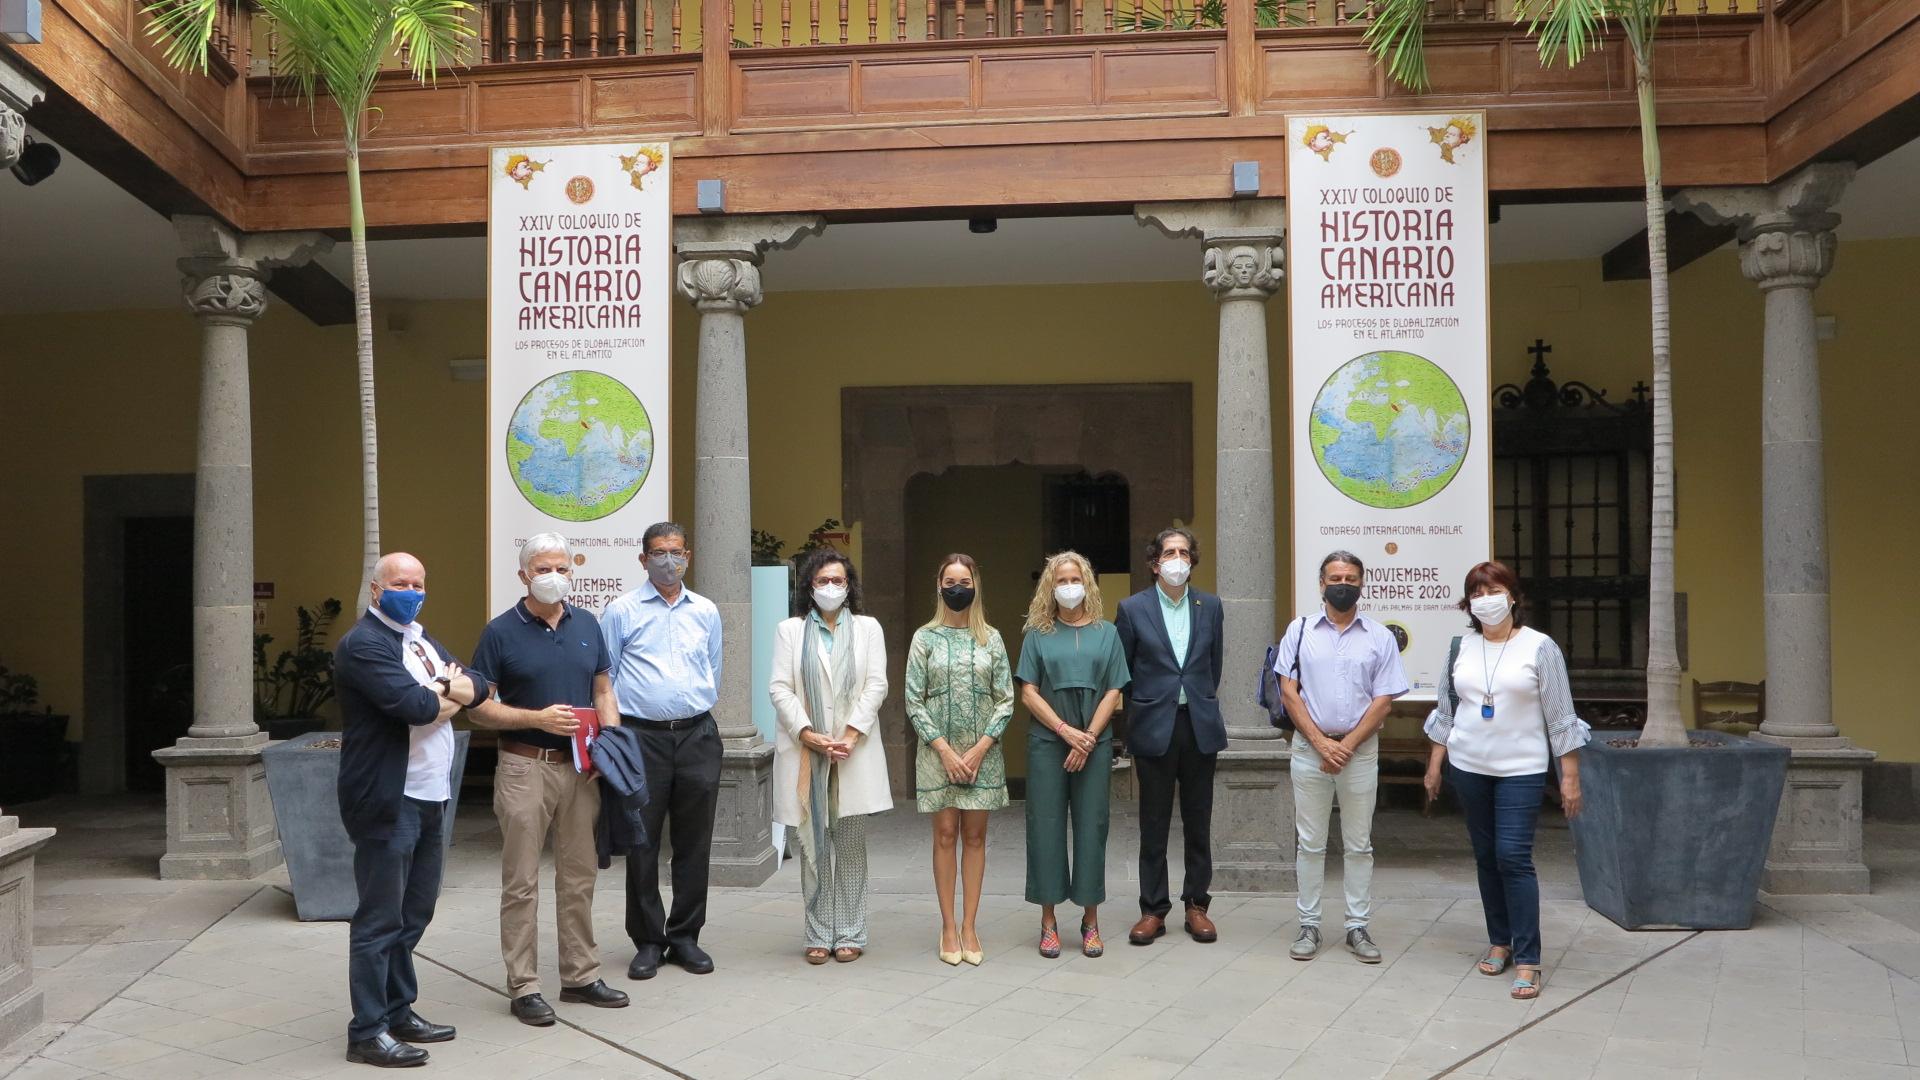 Foto de familia en el patio de la Casa de Colón del Comité Científico del Coloquio con la Consejera, Guacimara Medina